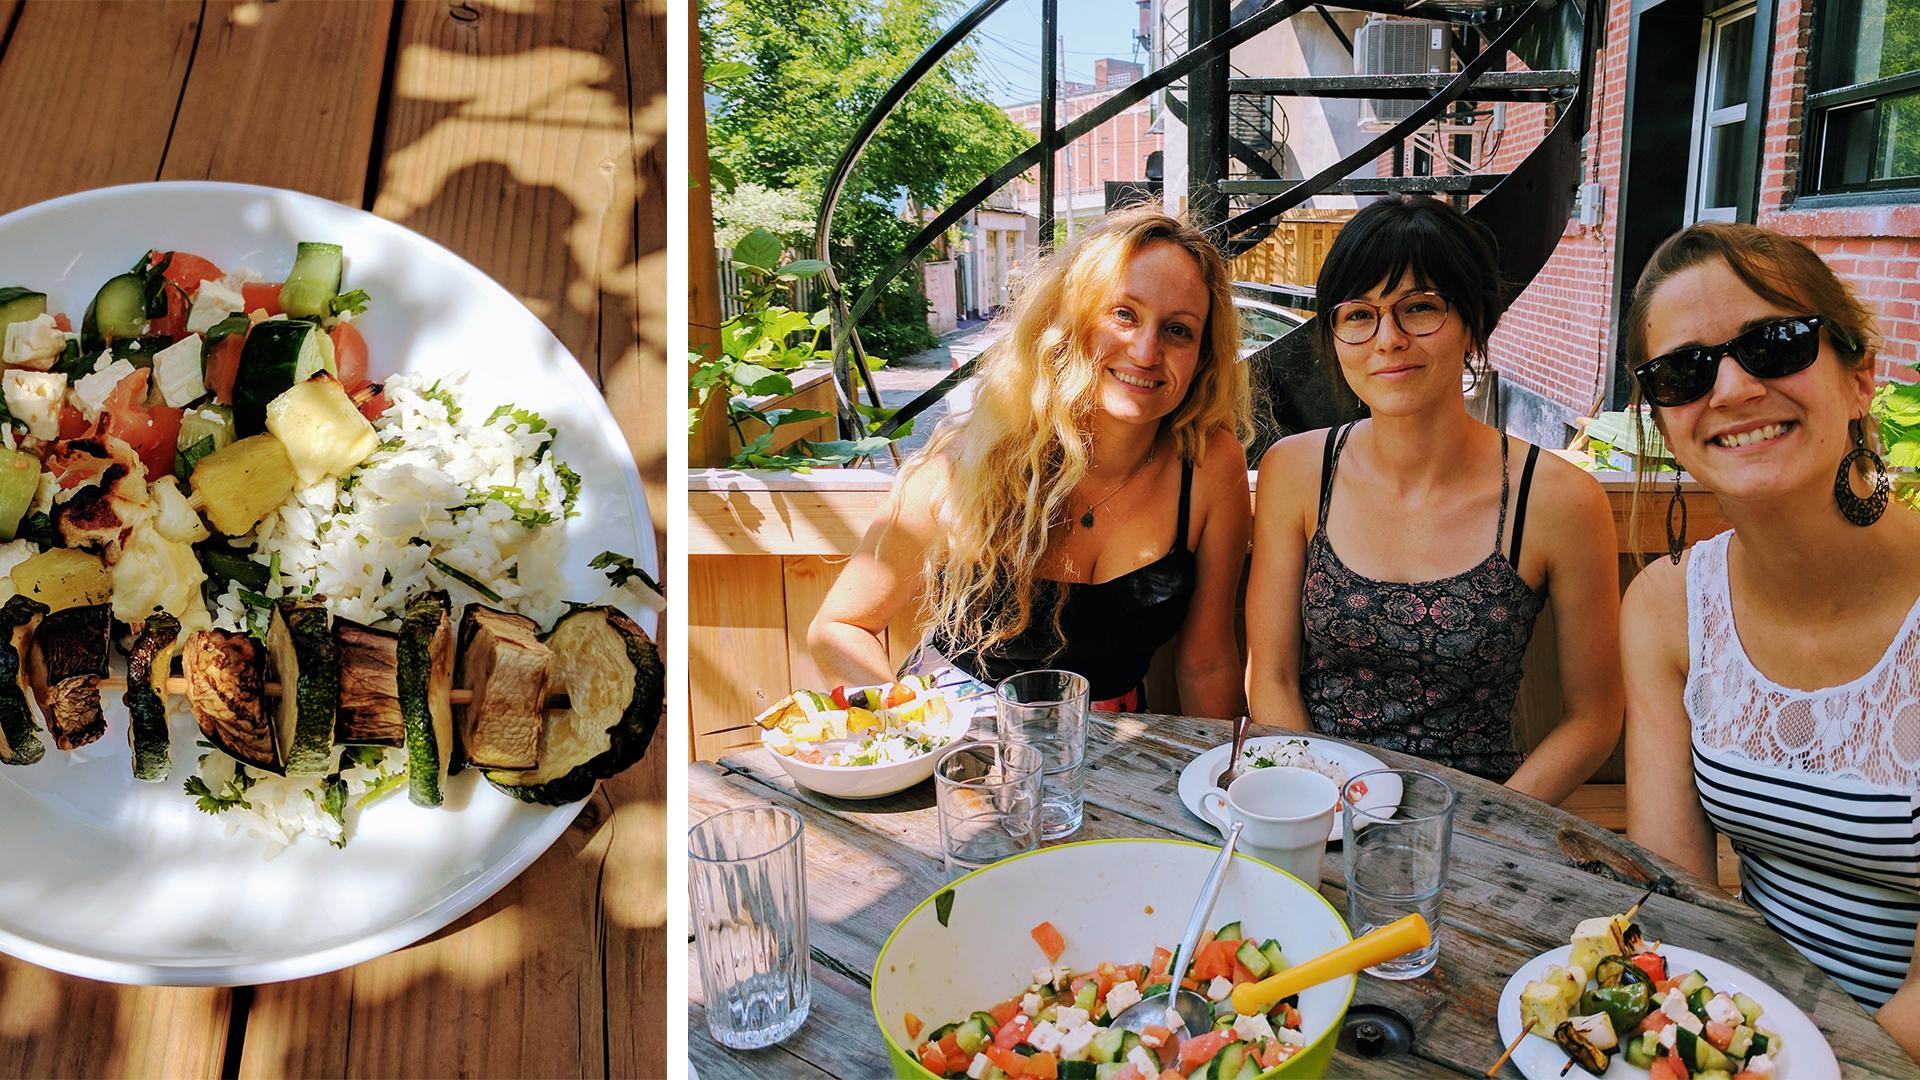 jour_de_la_terre_quebec_qc_blogue_article_trucs_astuces_cornelia_garbe_terrasse_mile_end_animation_lunch